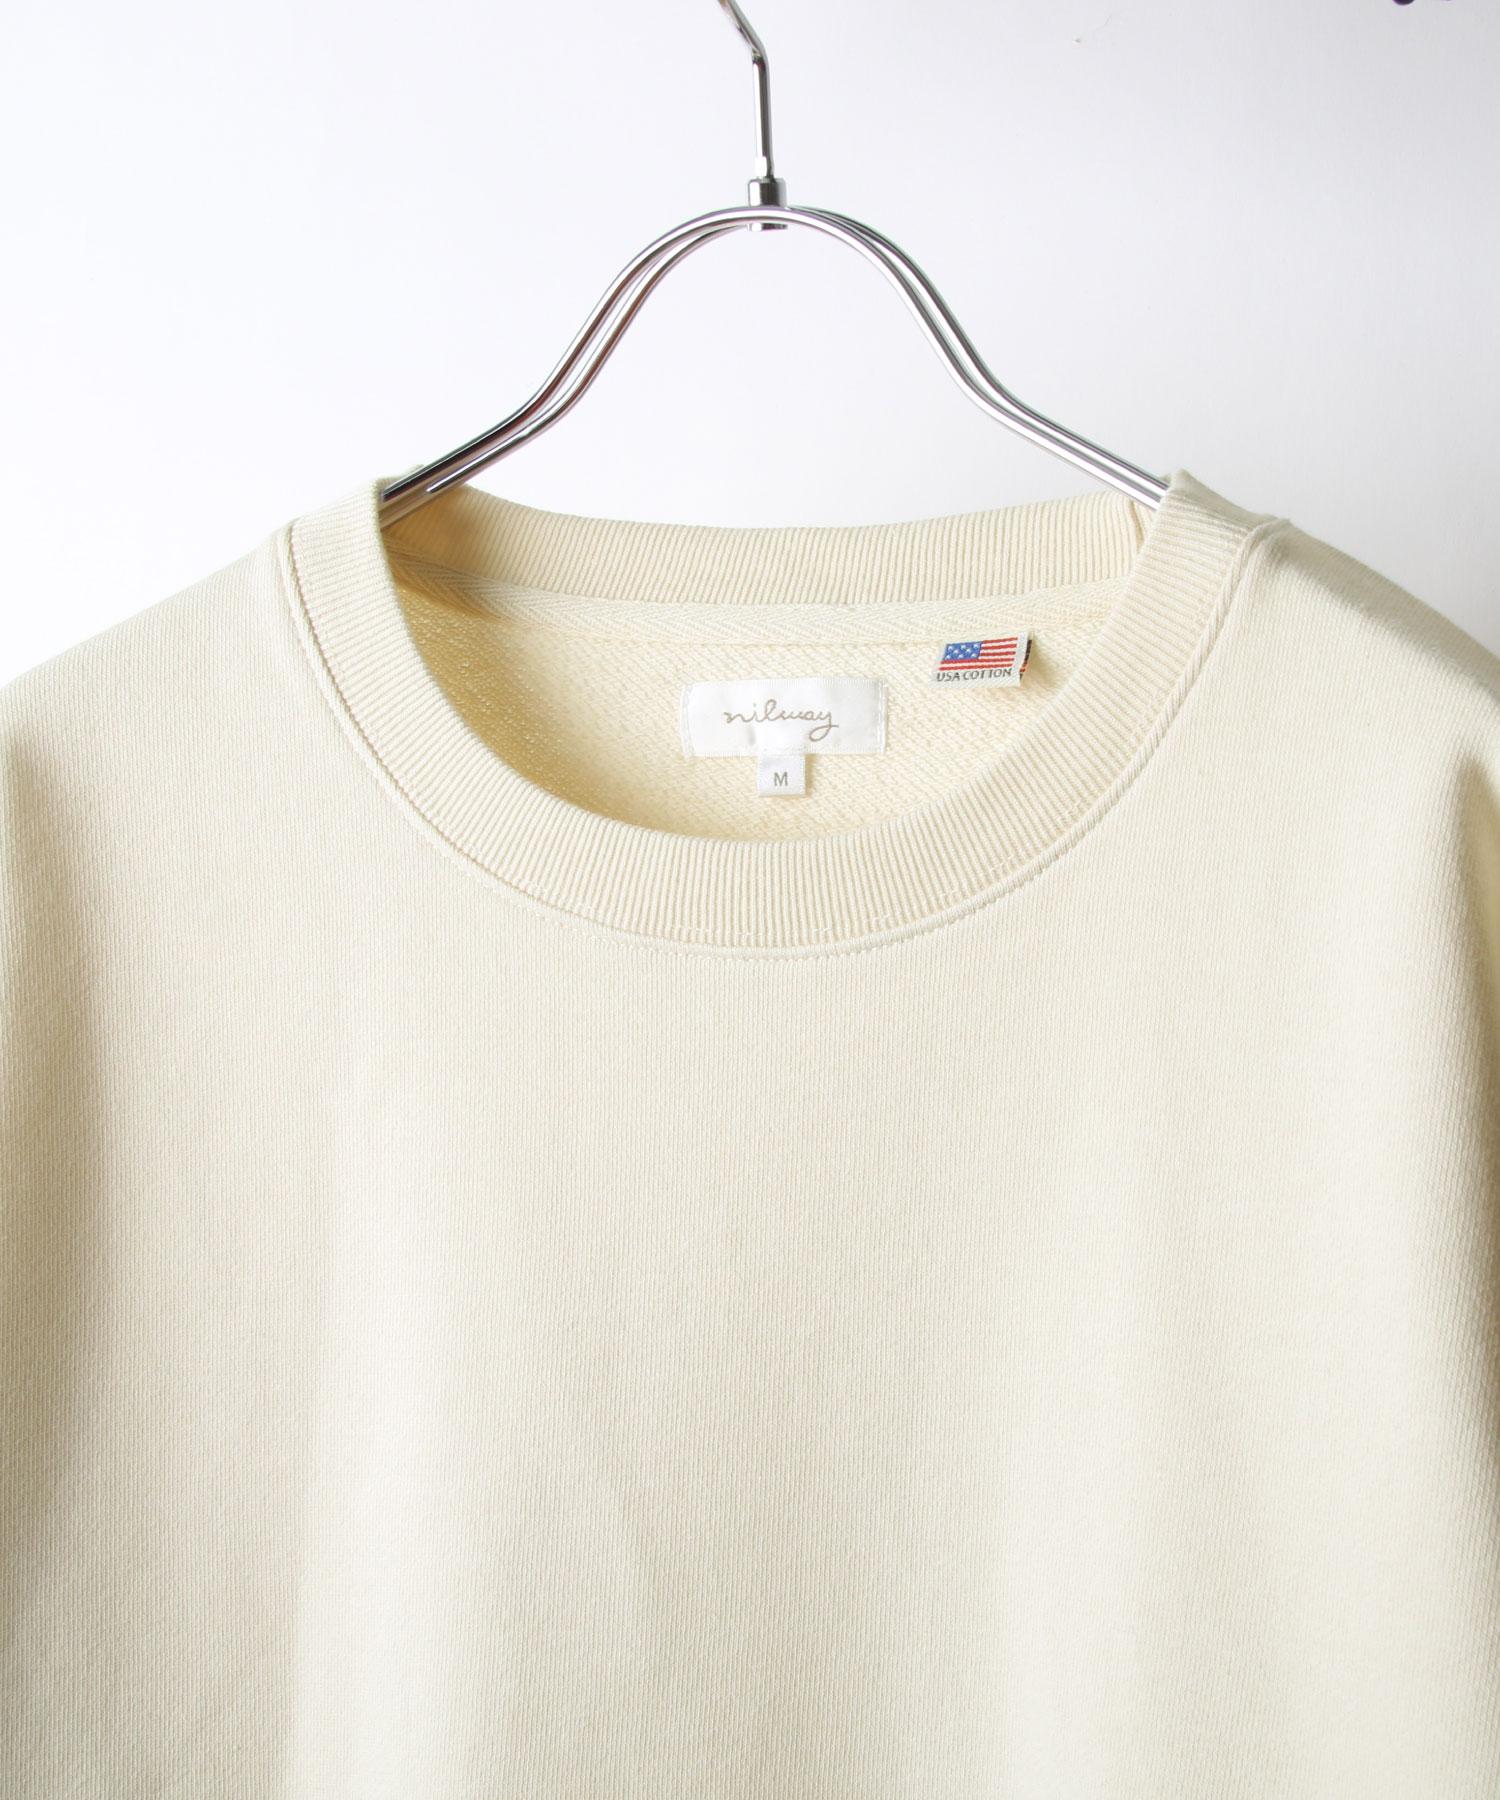 【Nilway】運動衫 純棉 衣襬開岔 4